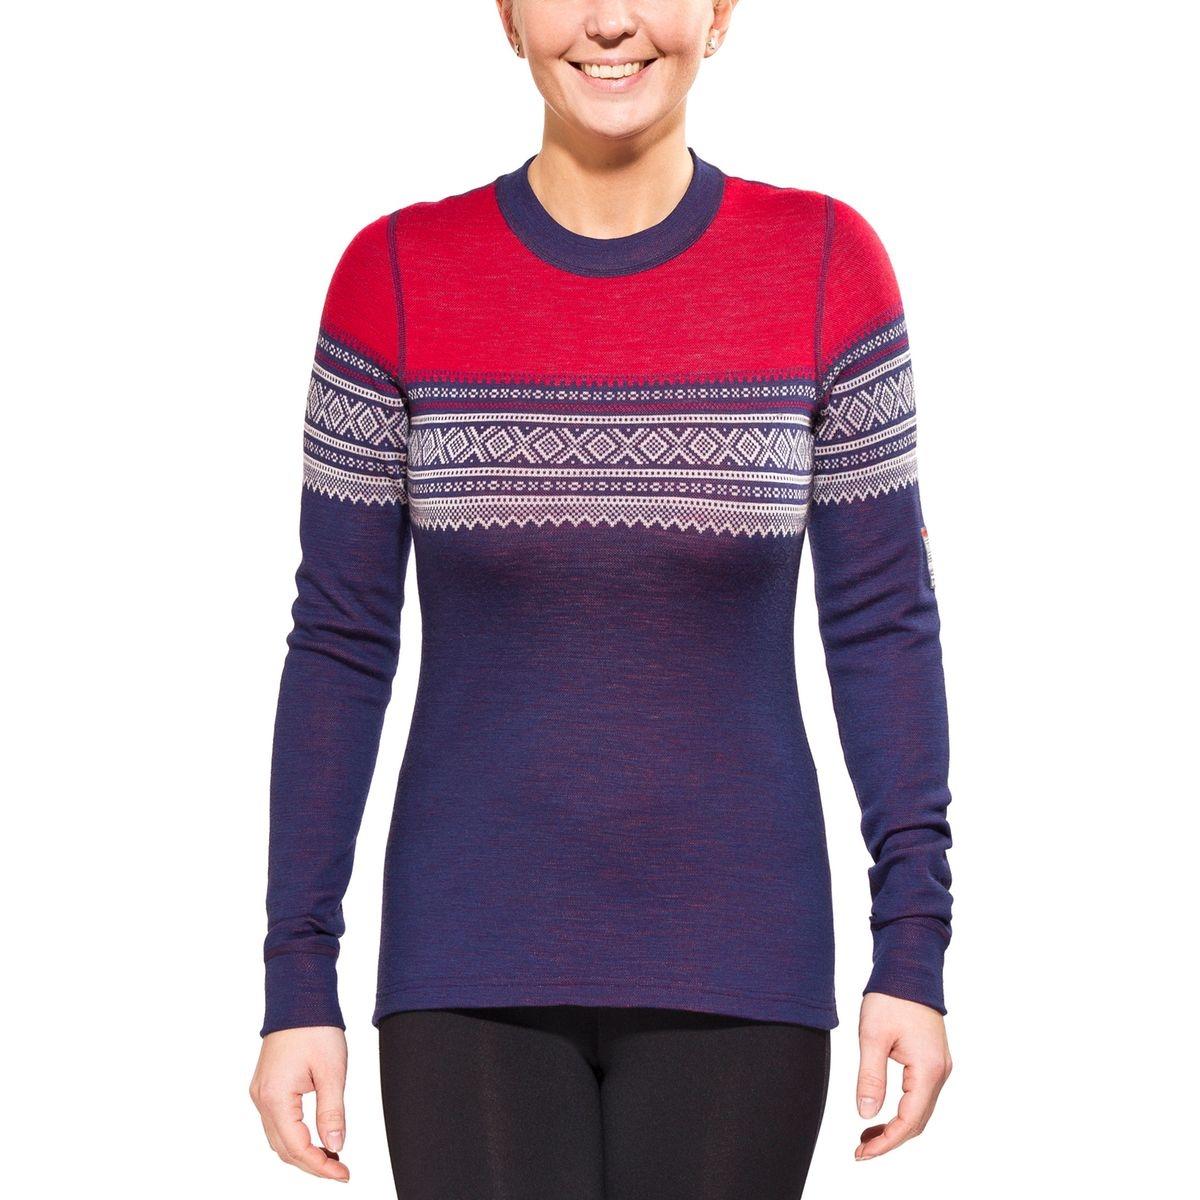 Designwool - Sous-vêtement Femme - rouge/violet